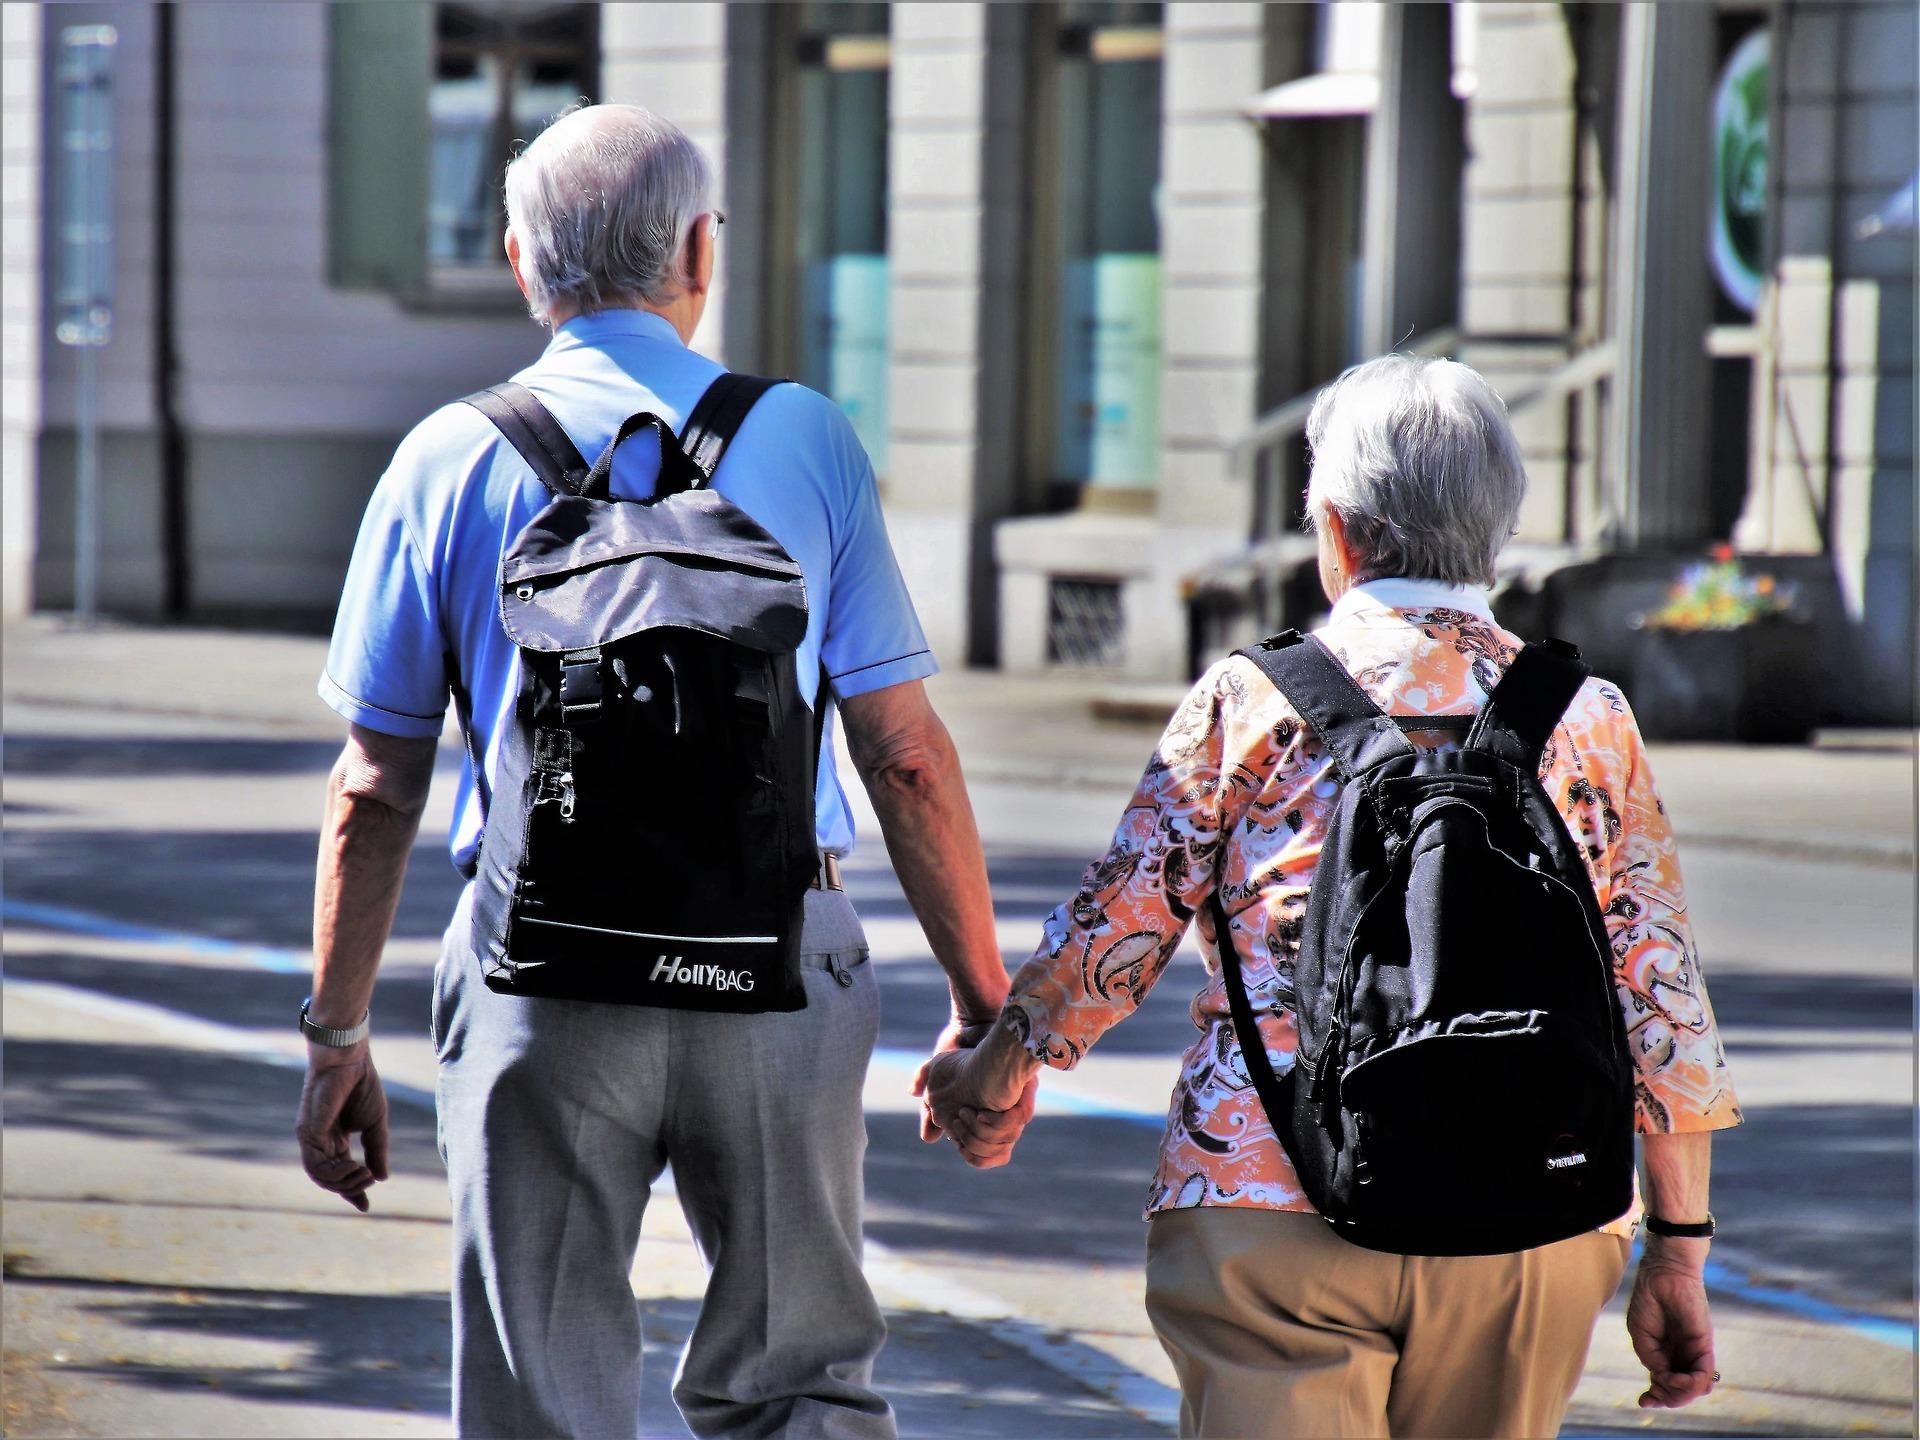 Senioren auf Reisen - wenn der Urlaub ruft